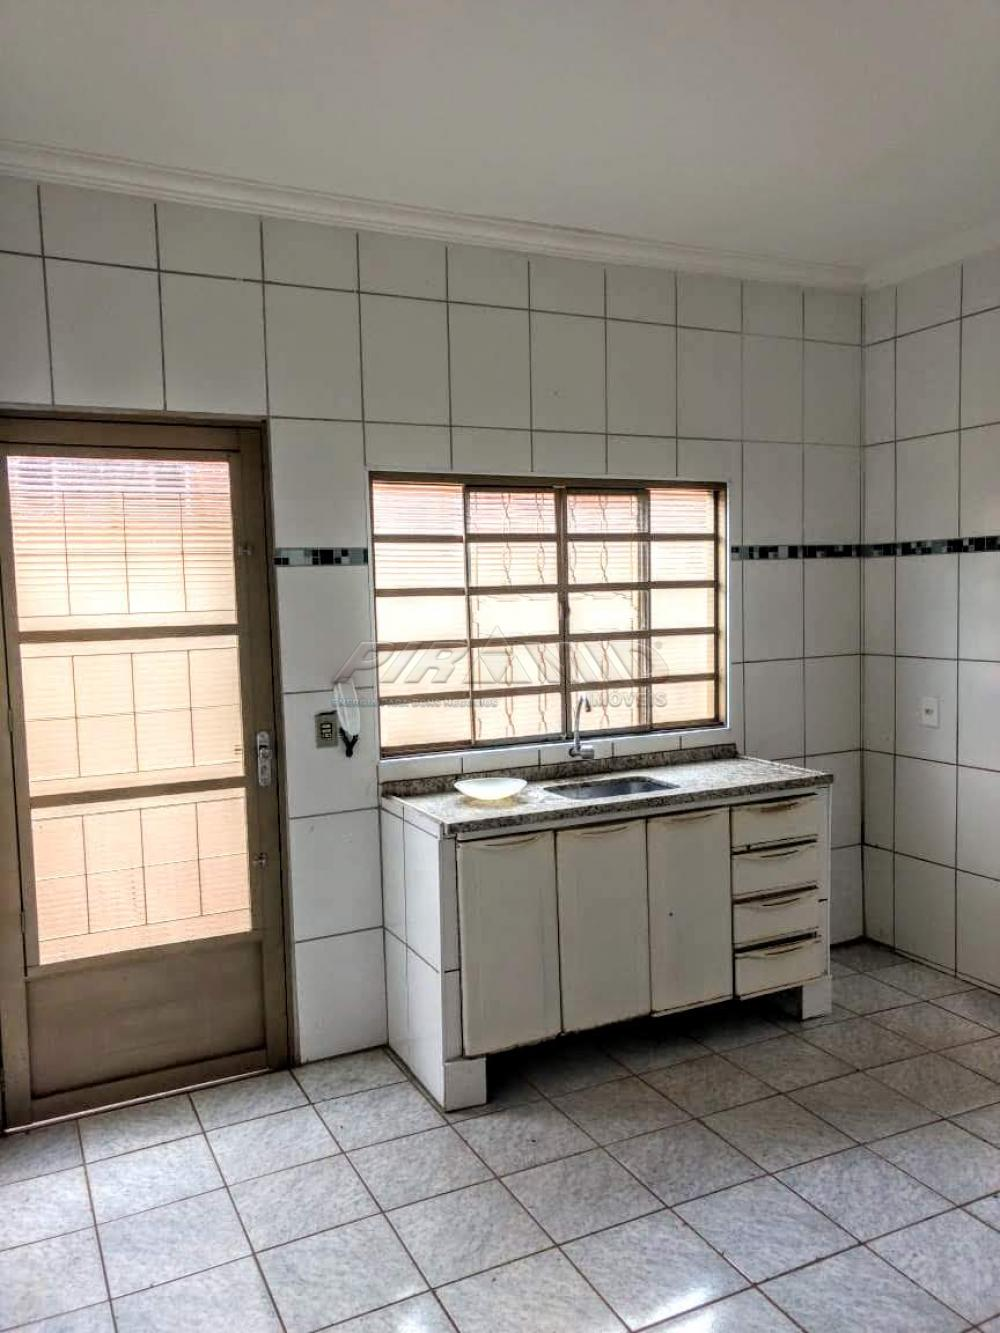 Comprar Casa / Padrão em Ribeirão Preto apenas R$ 155.000,00 - Foto 12